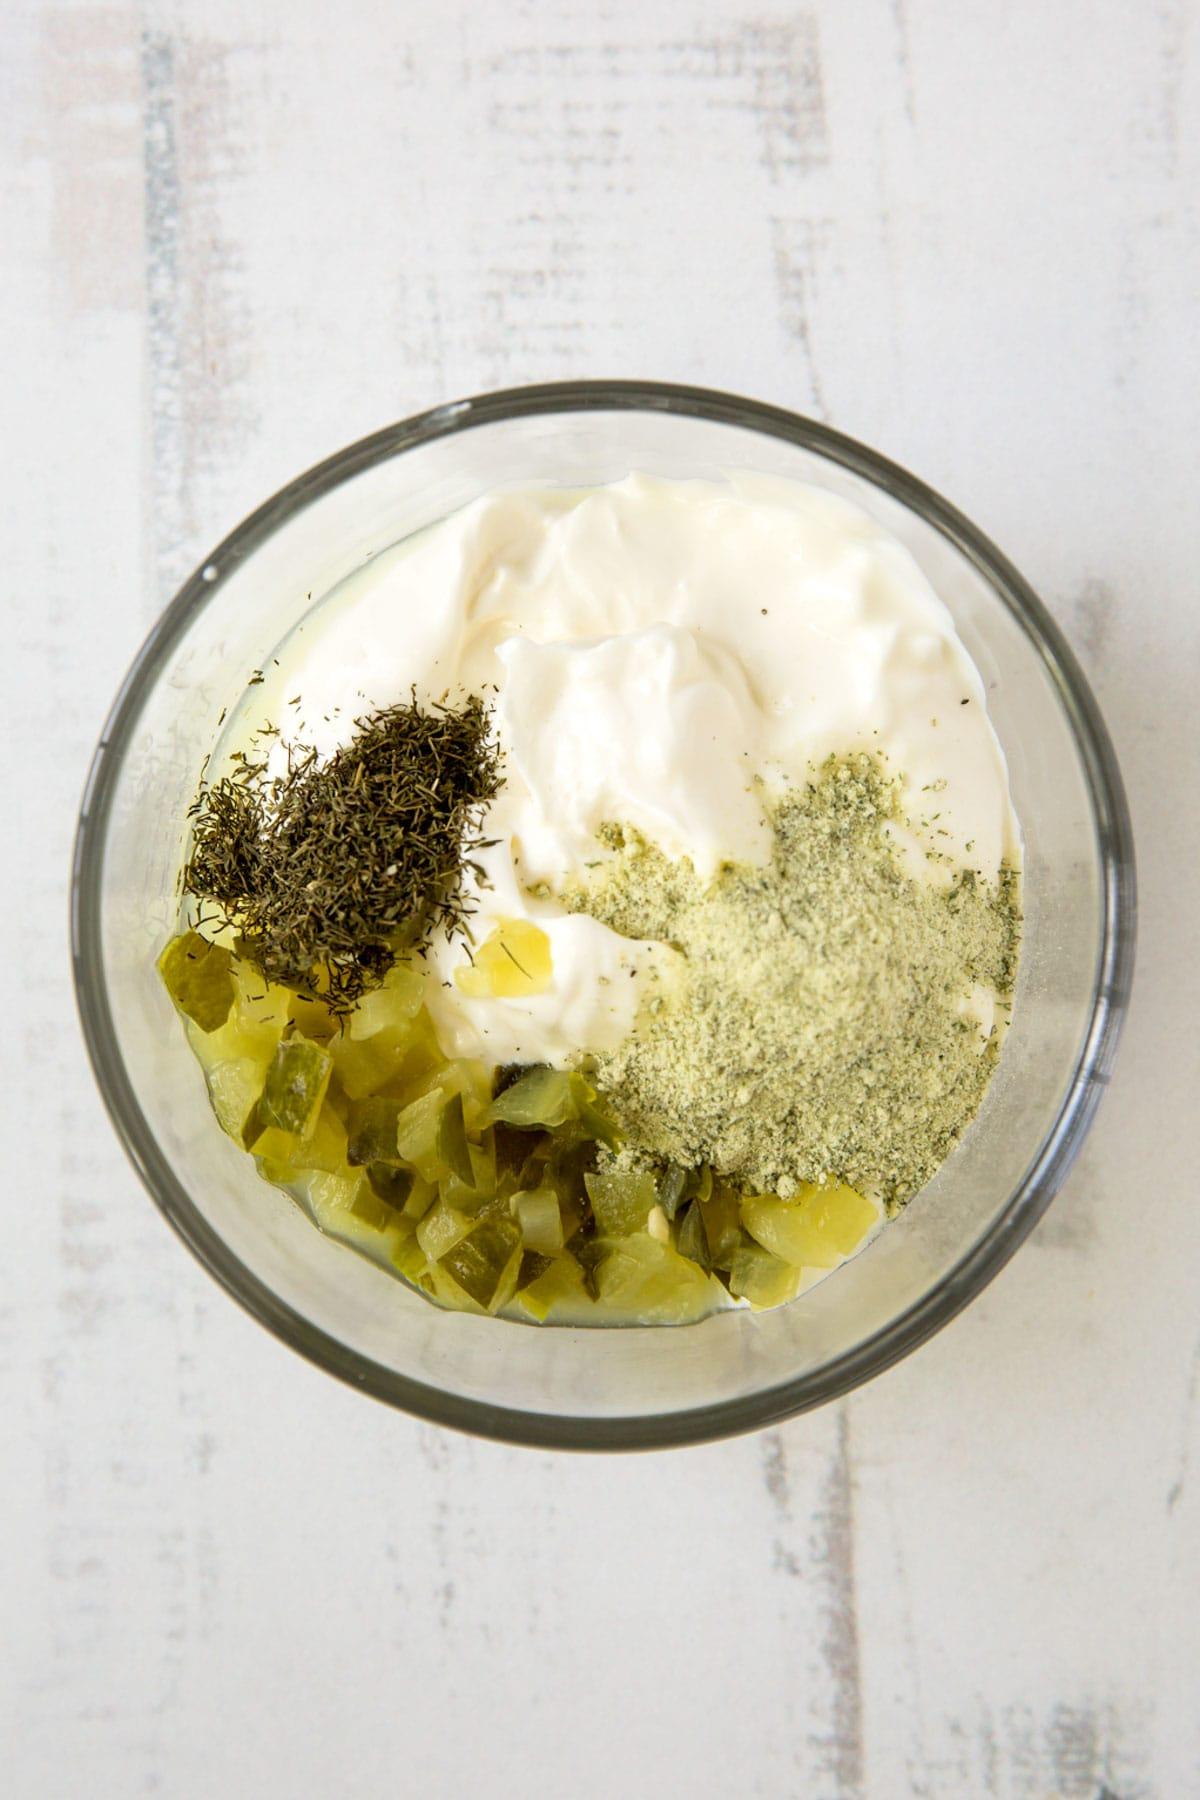 pickles, greek yogurt, dill in a bowl